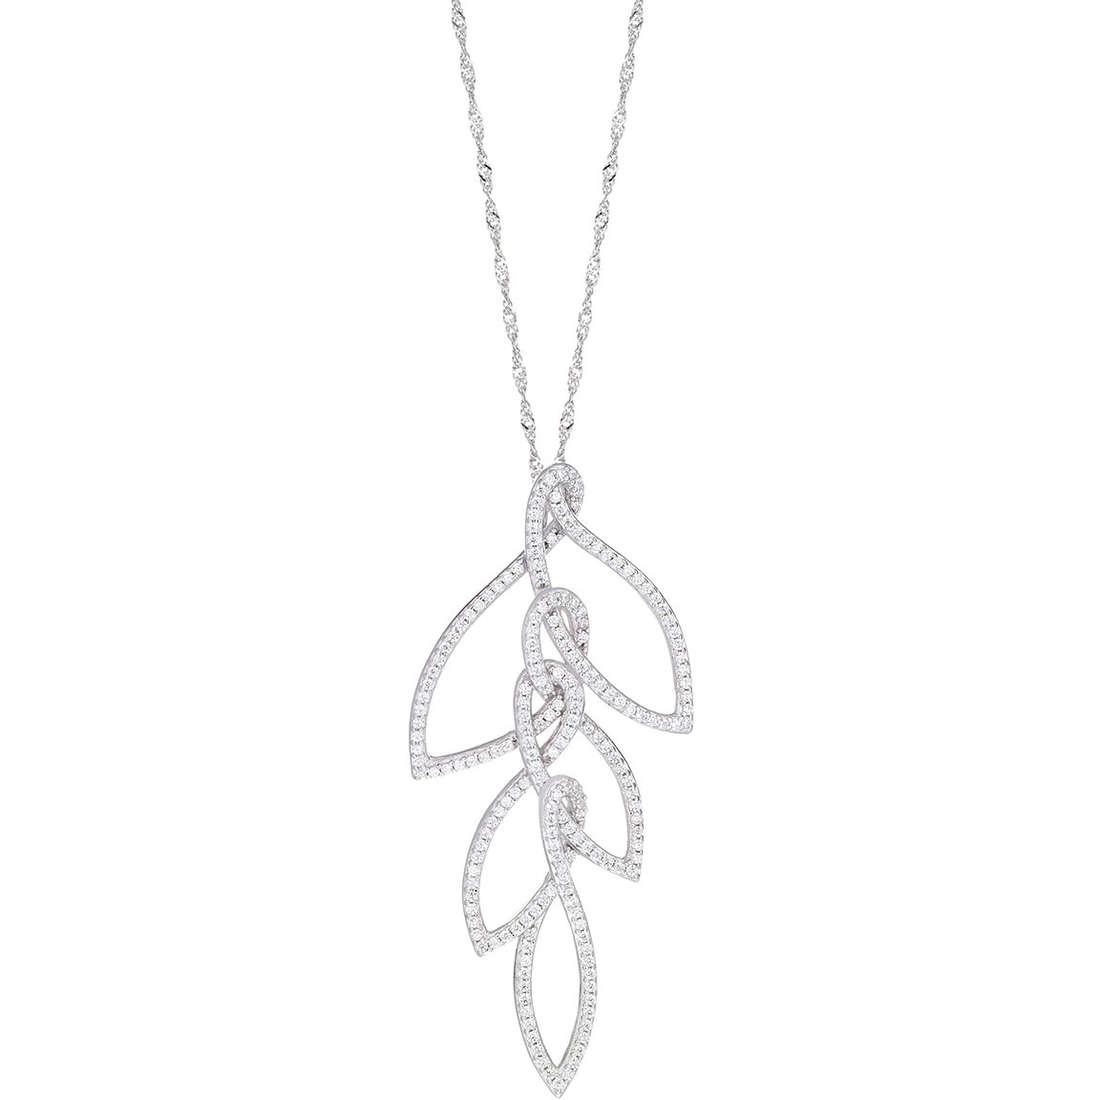 collana donna gioielli Morellato 1930 Michelle Hunziker SAHA04